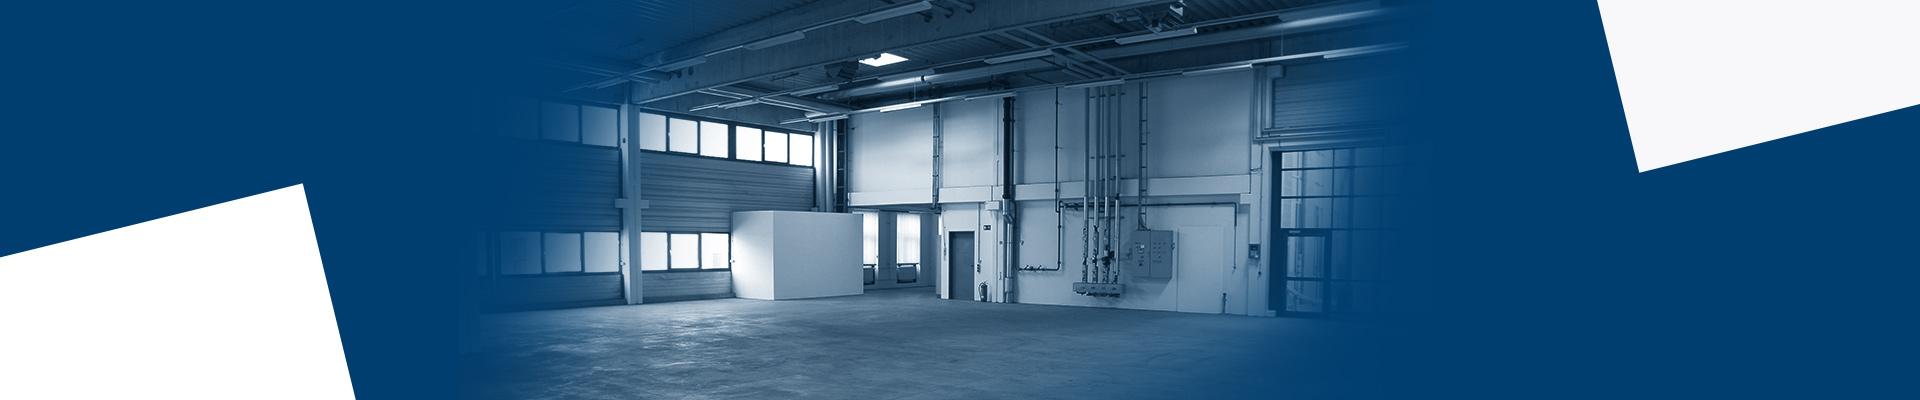 Gewerbeflächen mieten, Büroflächen zur Miete Leipzig